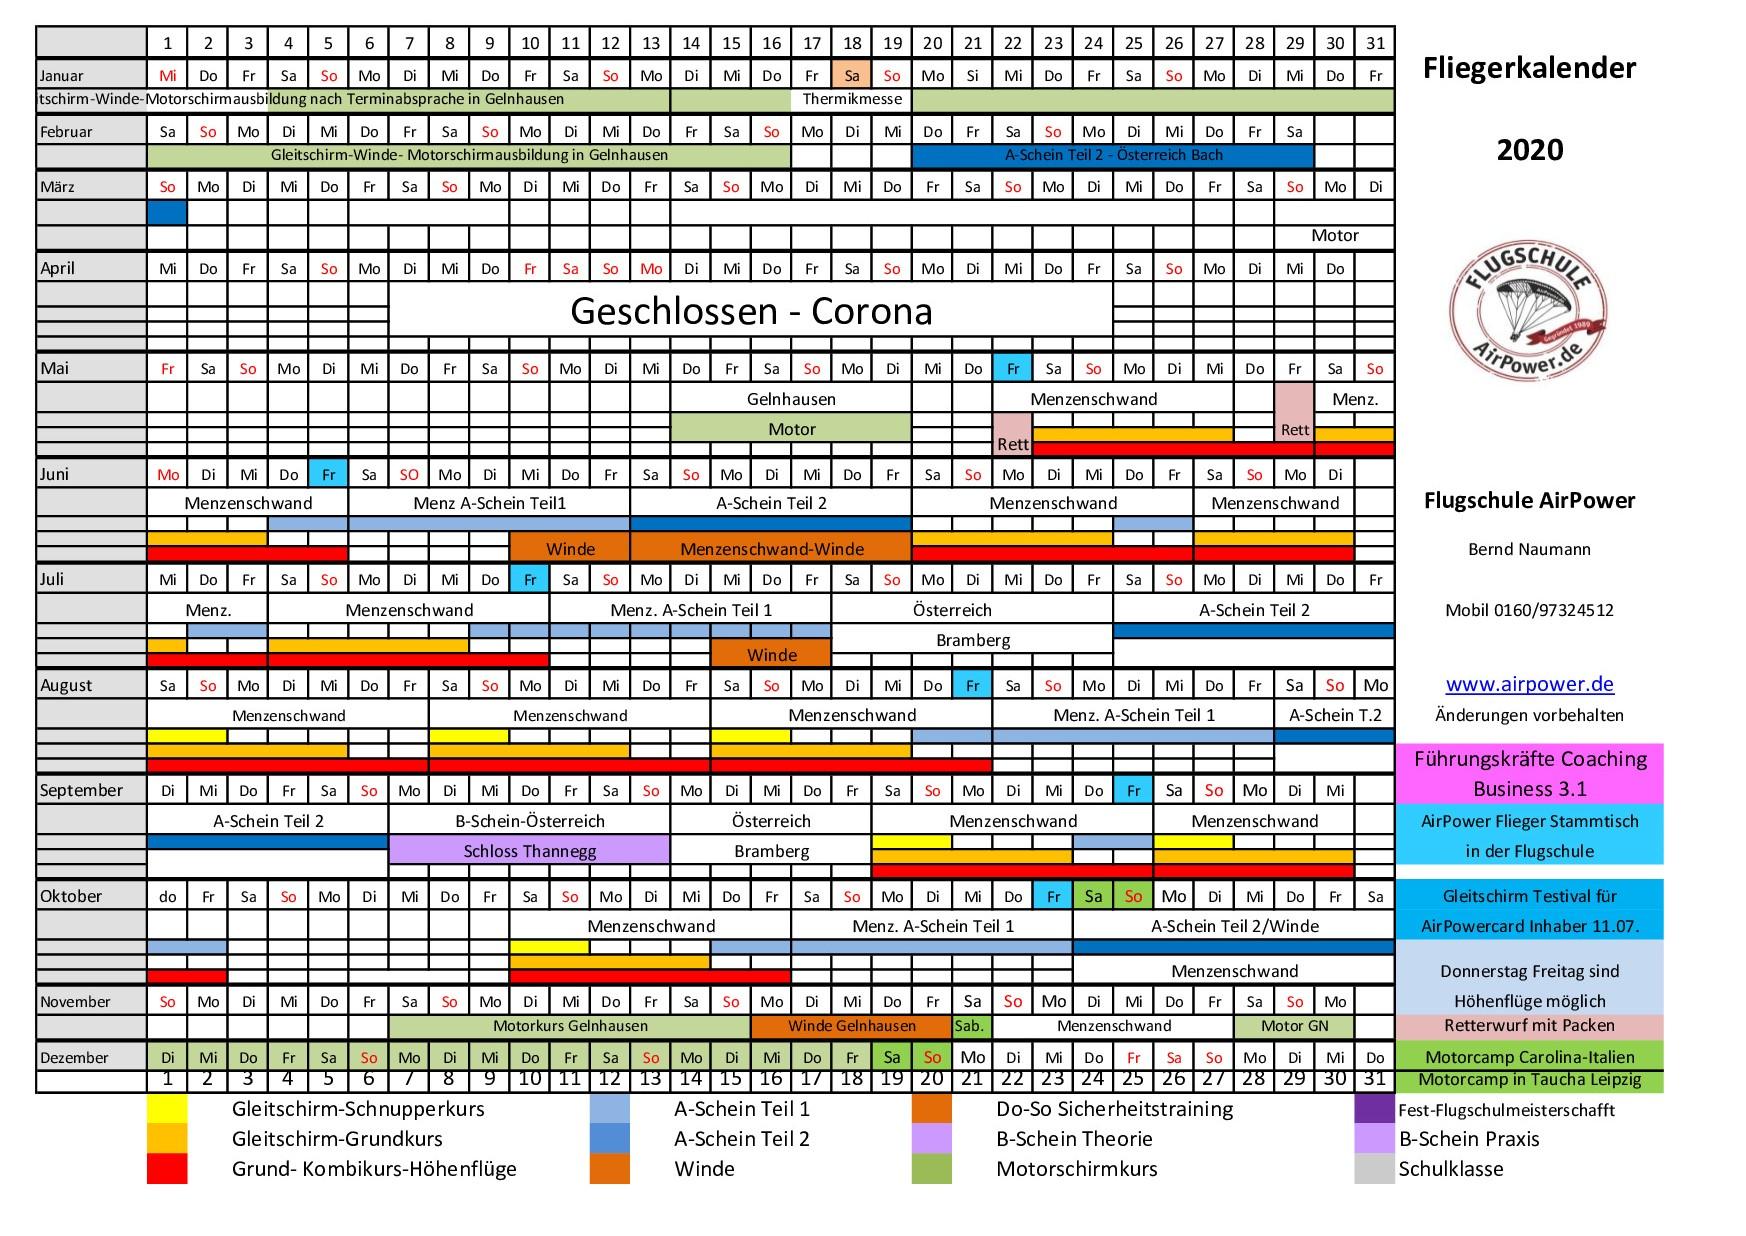 Fliegerkalender 2020 aktuell Okt